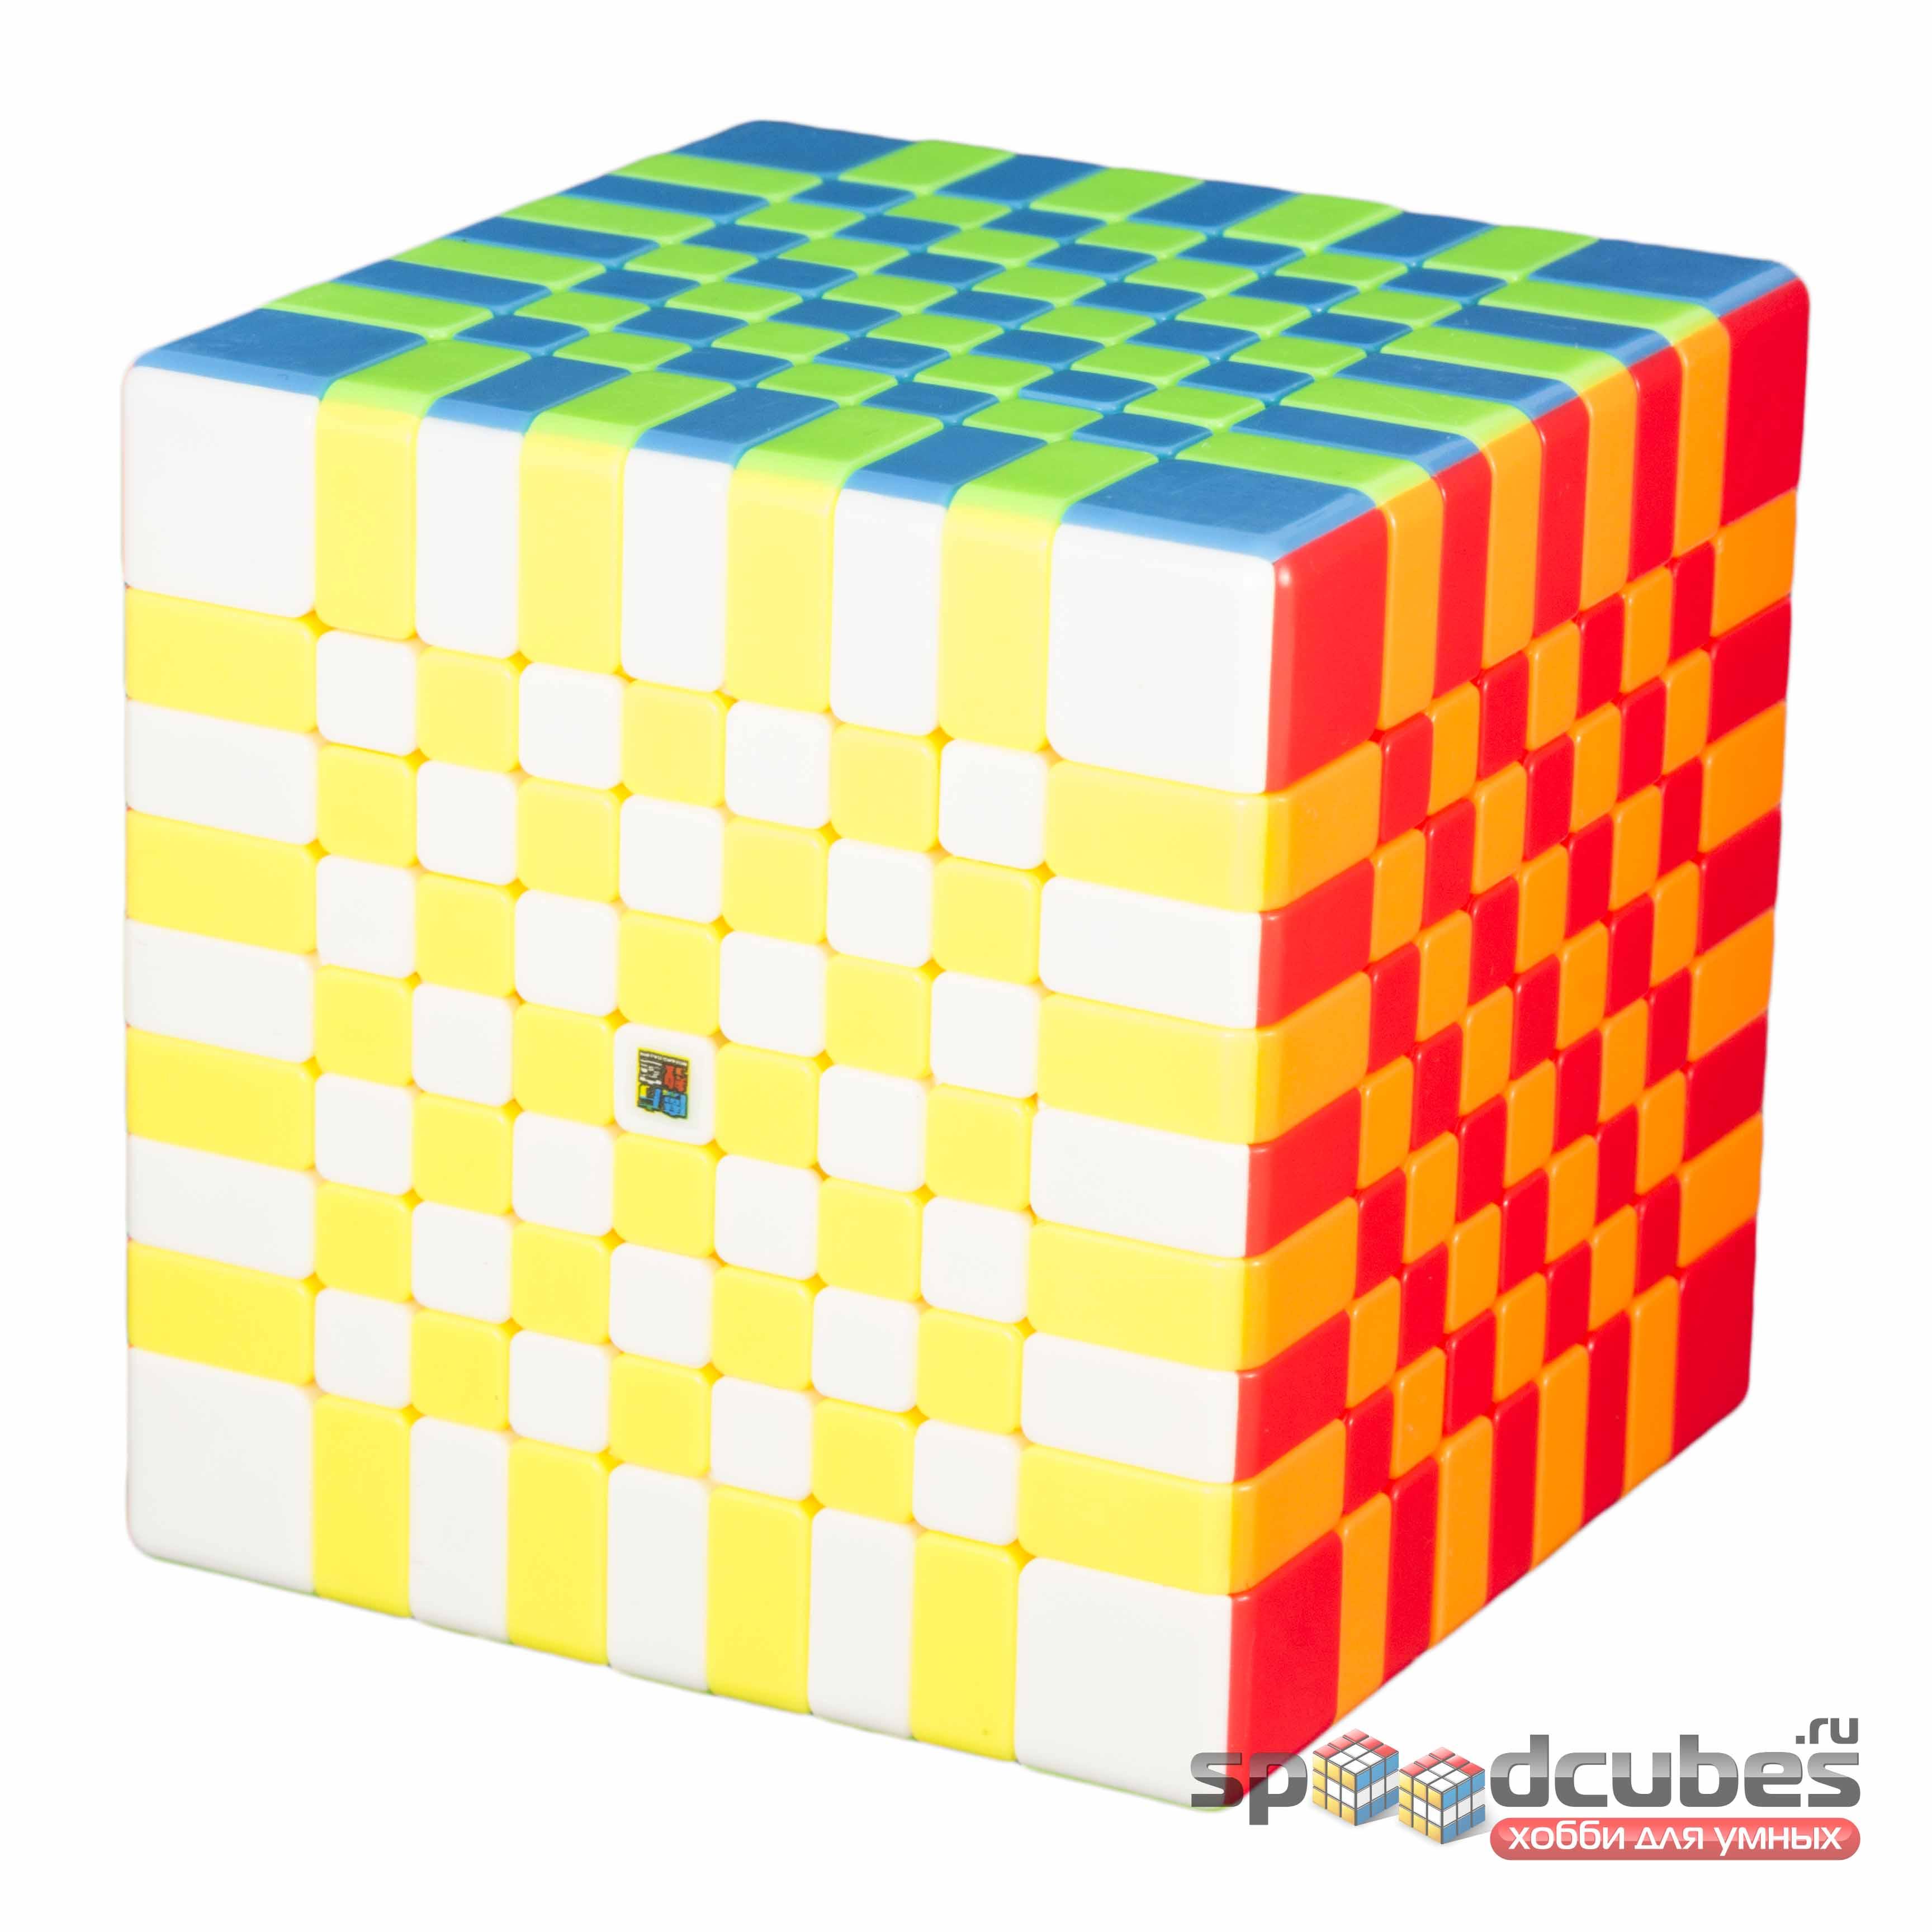 Moyu 9x9x9 Mofangjiaoshi Mf9 Color 2